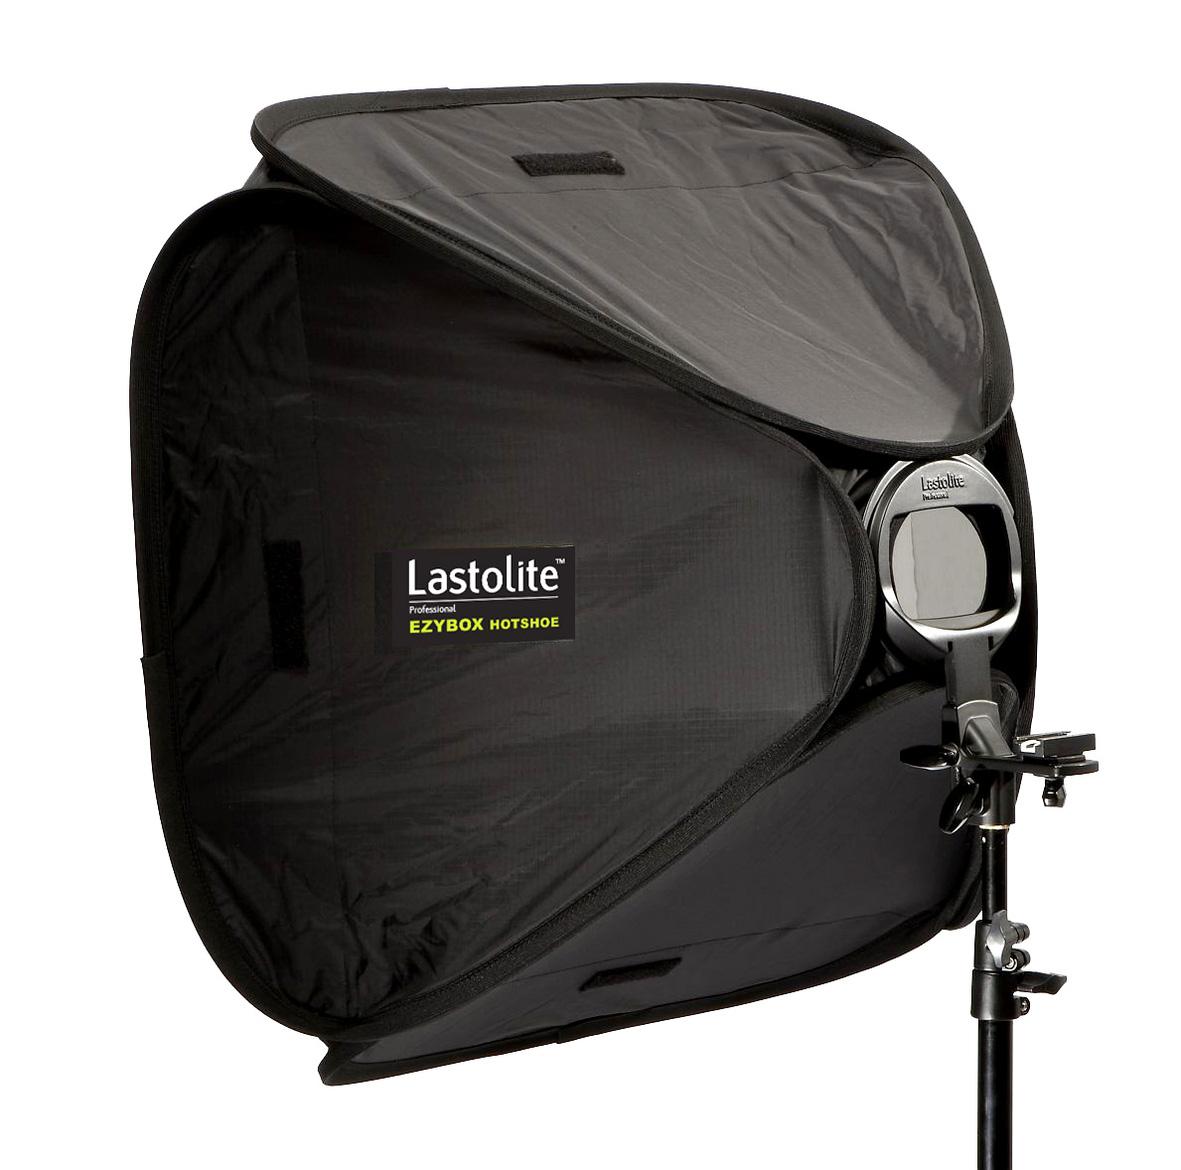 Lastolite Ezybox Hotshoe 54x54cm inkl. Blitzschiene